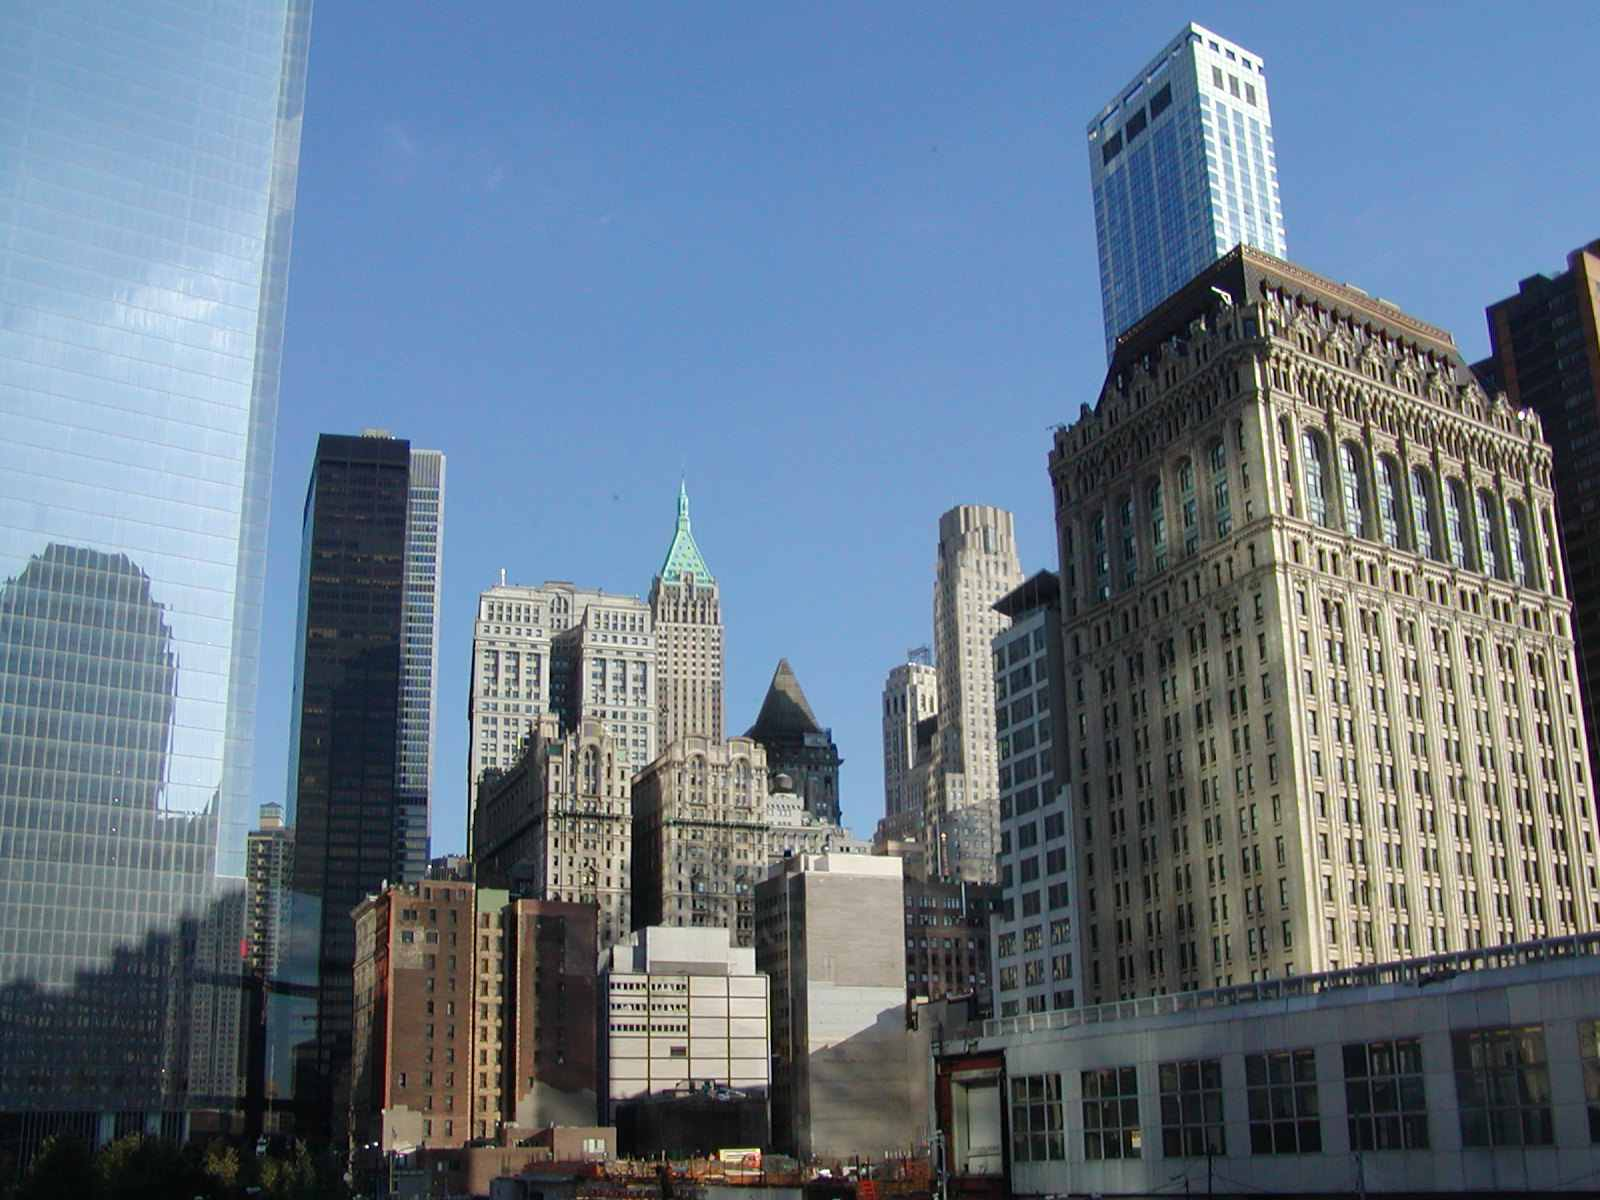 Walking Down Wall Street in Lower Manhattan